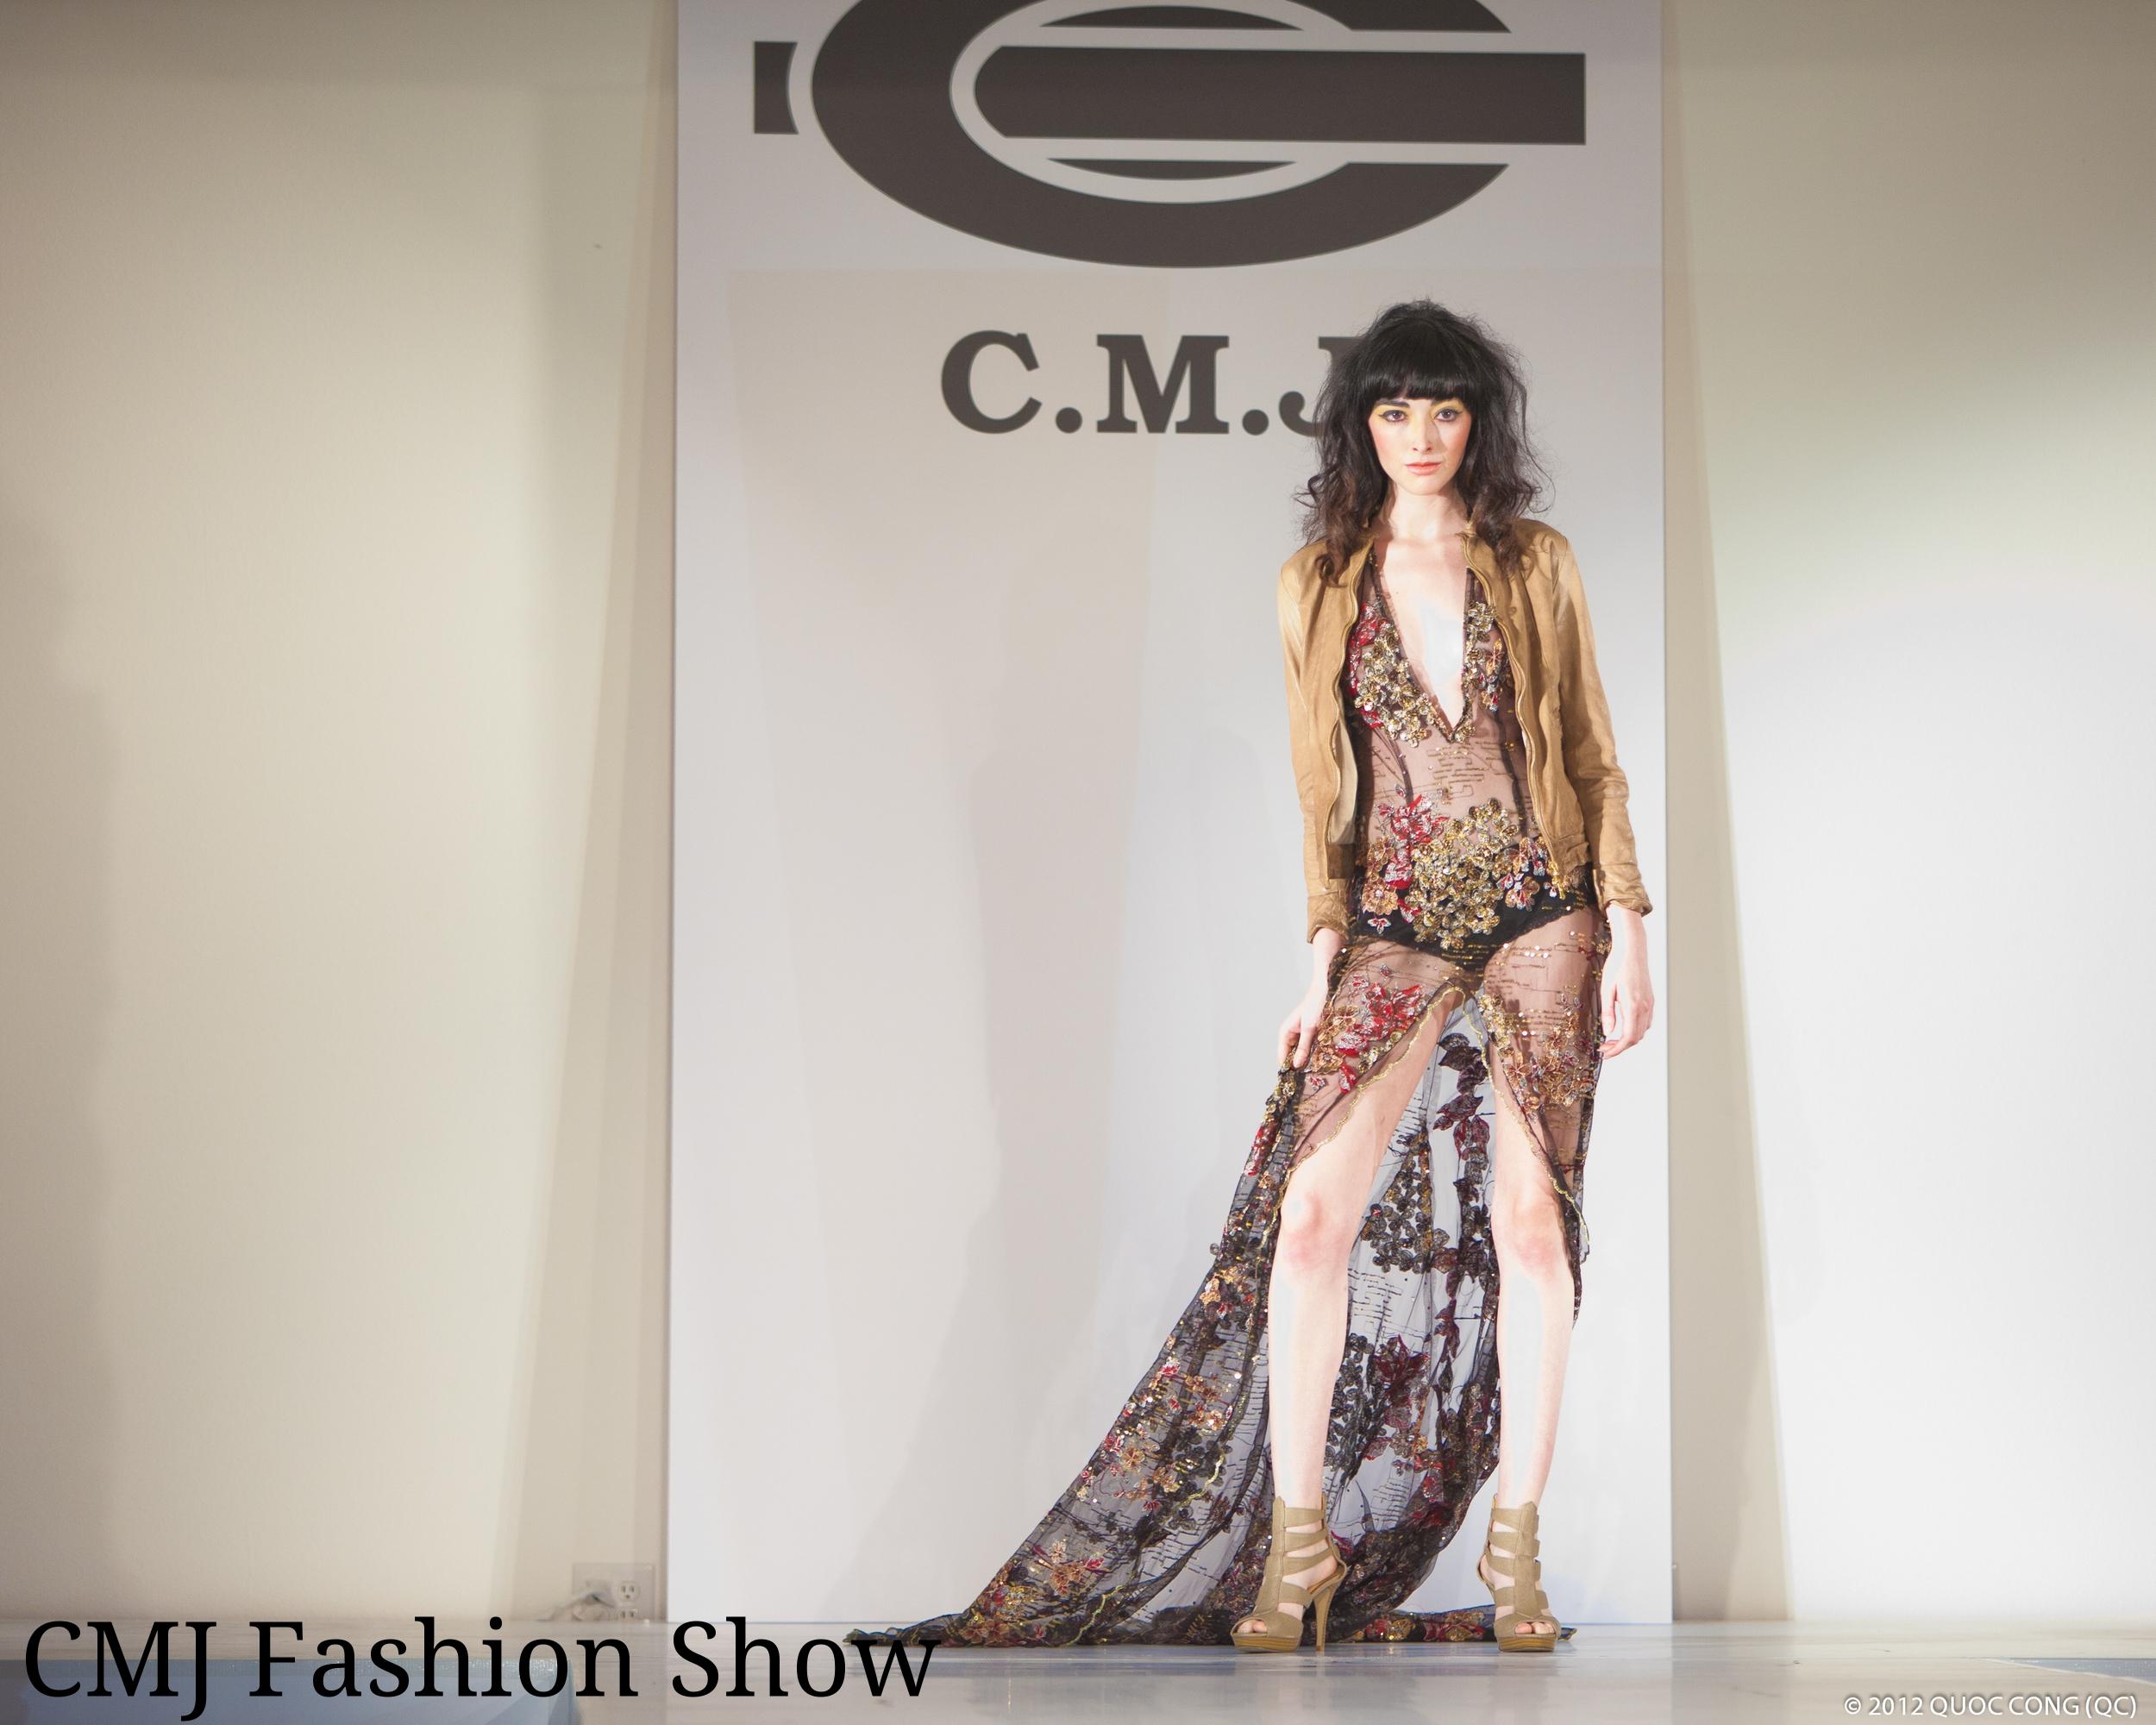 CMJ_FashionShow_05.JPG